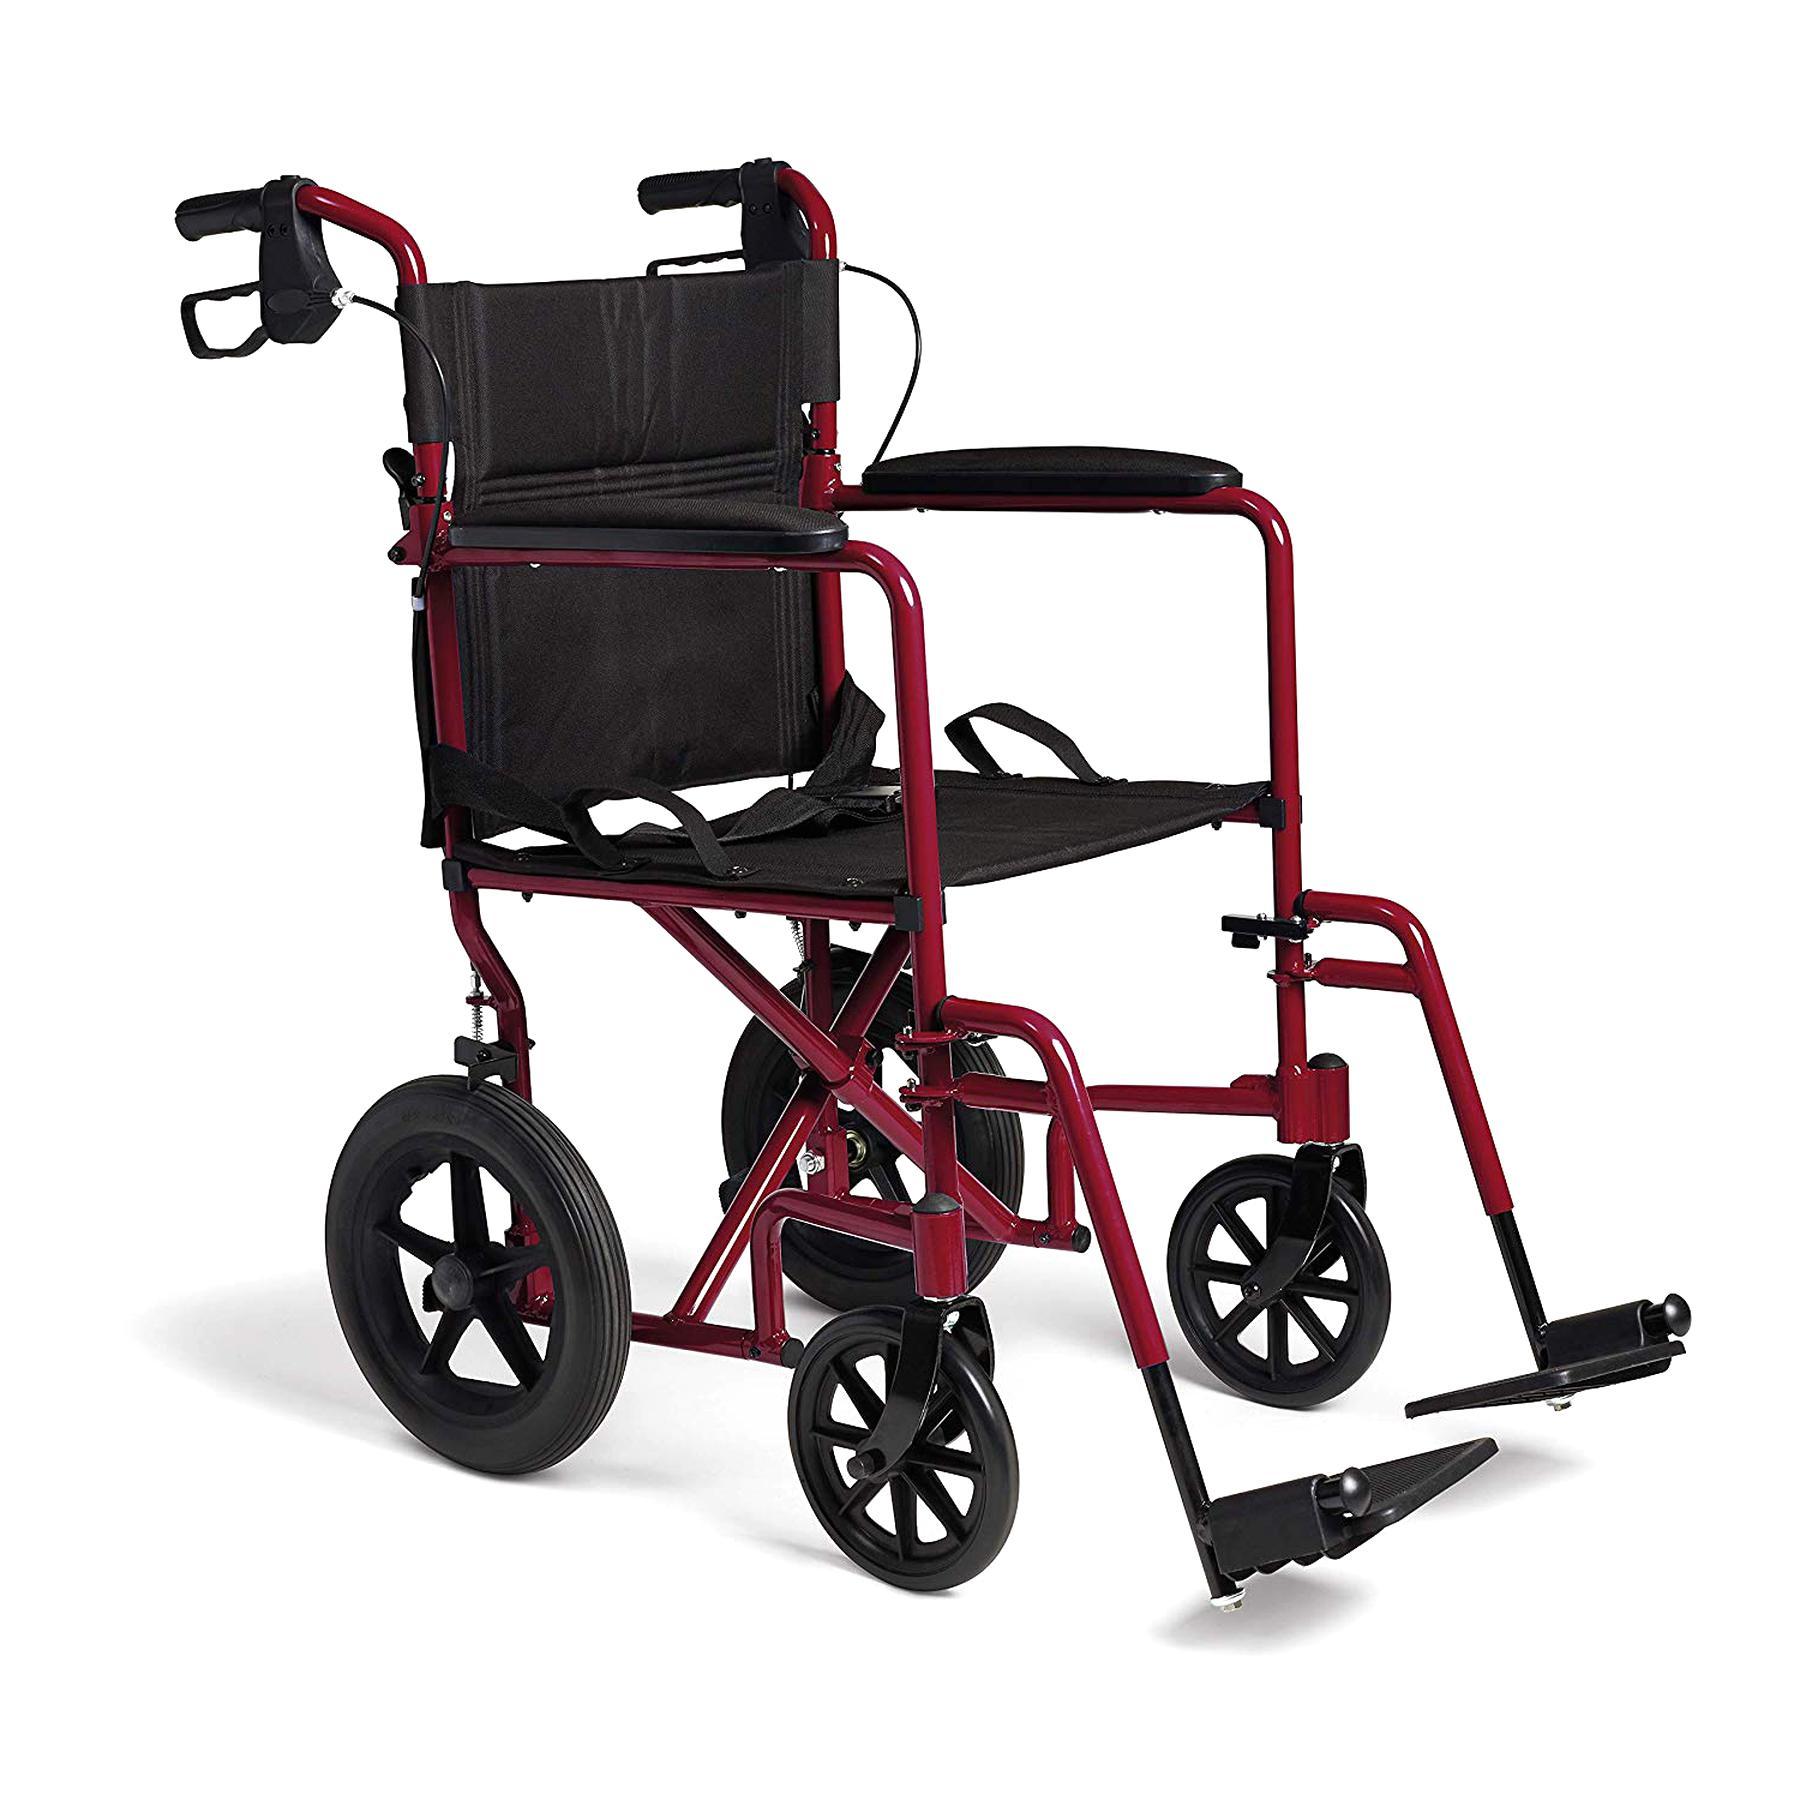 medline transport chair for sale